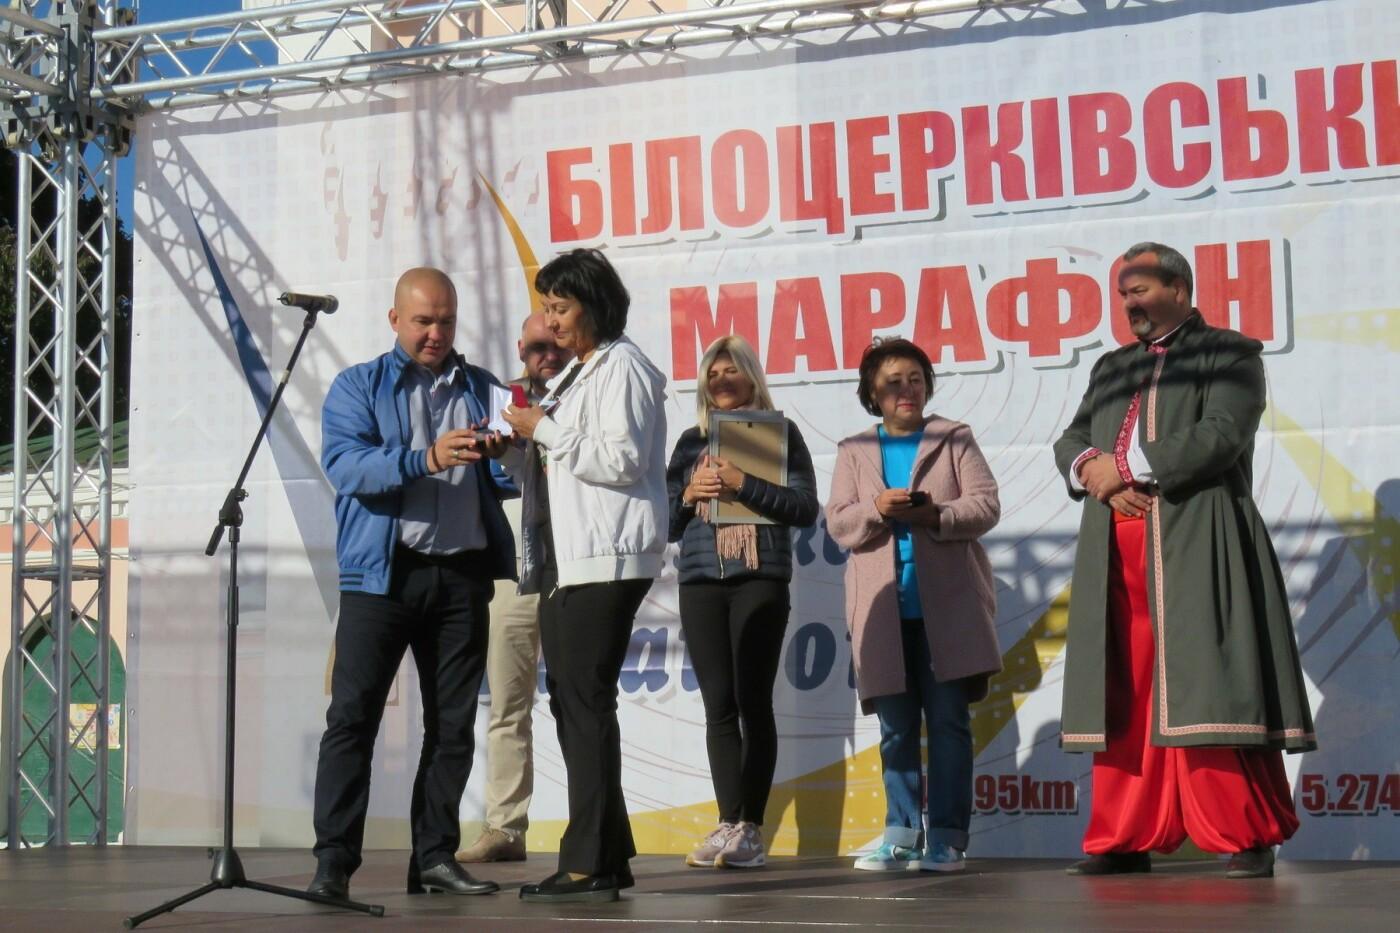 Понад 700 осіб взяли участь в Міжнародному Білоцерківському марафоні, фото-1